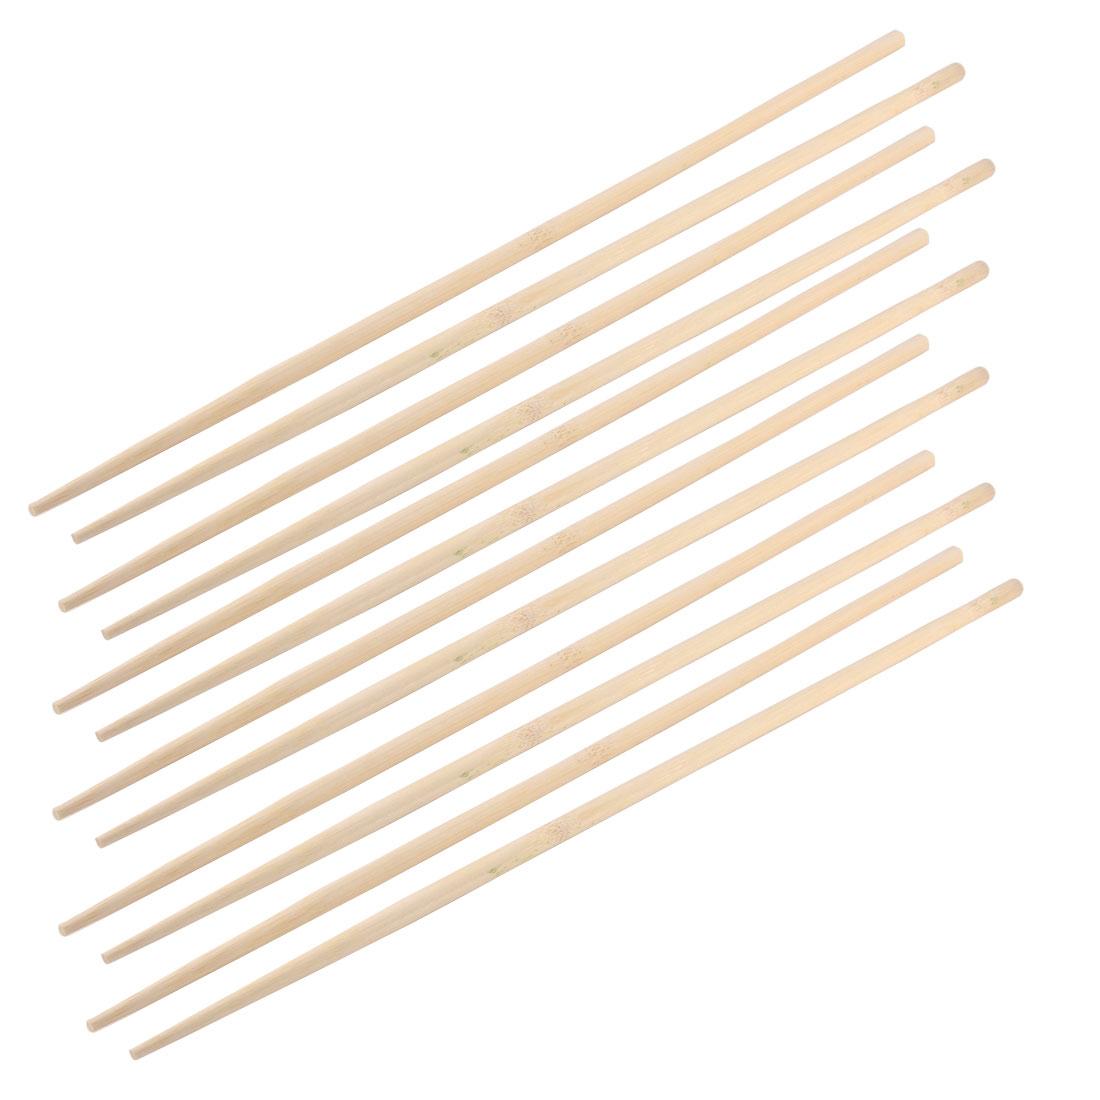 Wooden Clip Kitchen Restaurant Cooking Noodles Chopsticks 45cm Long 6 Pairs